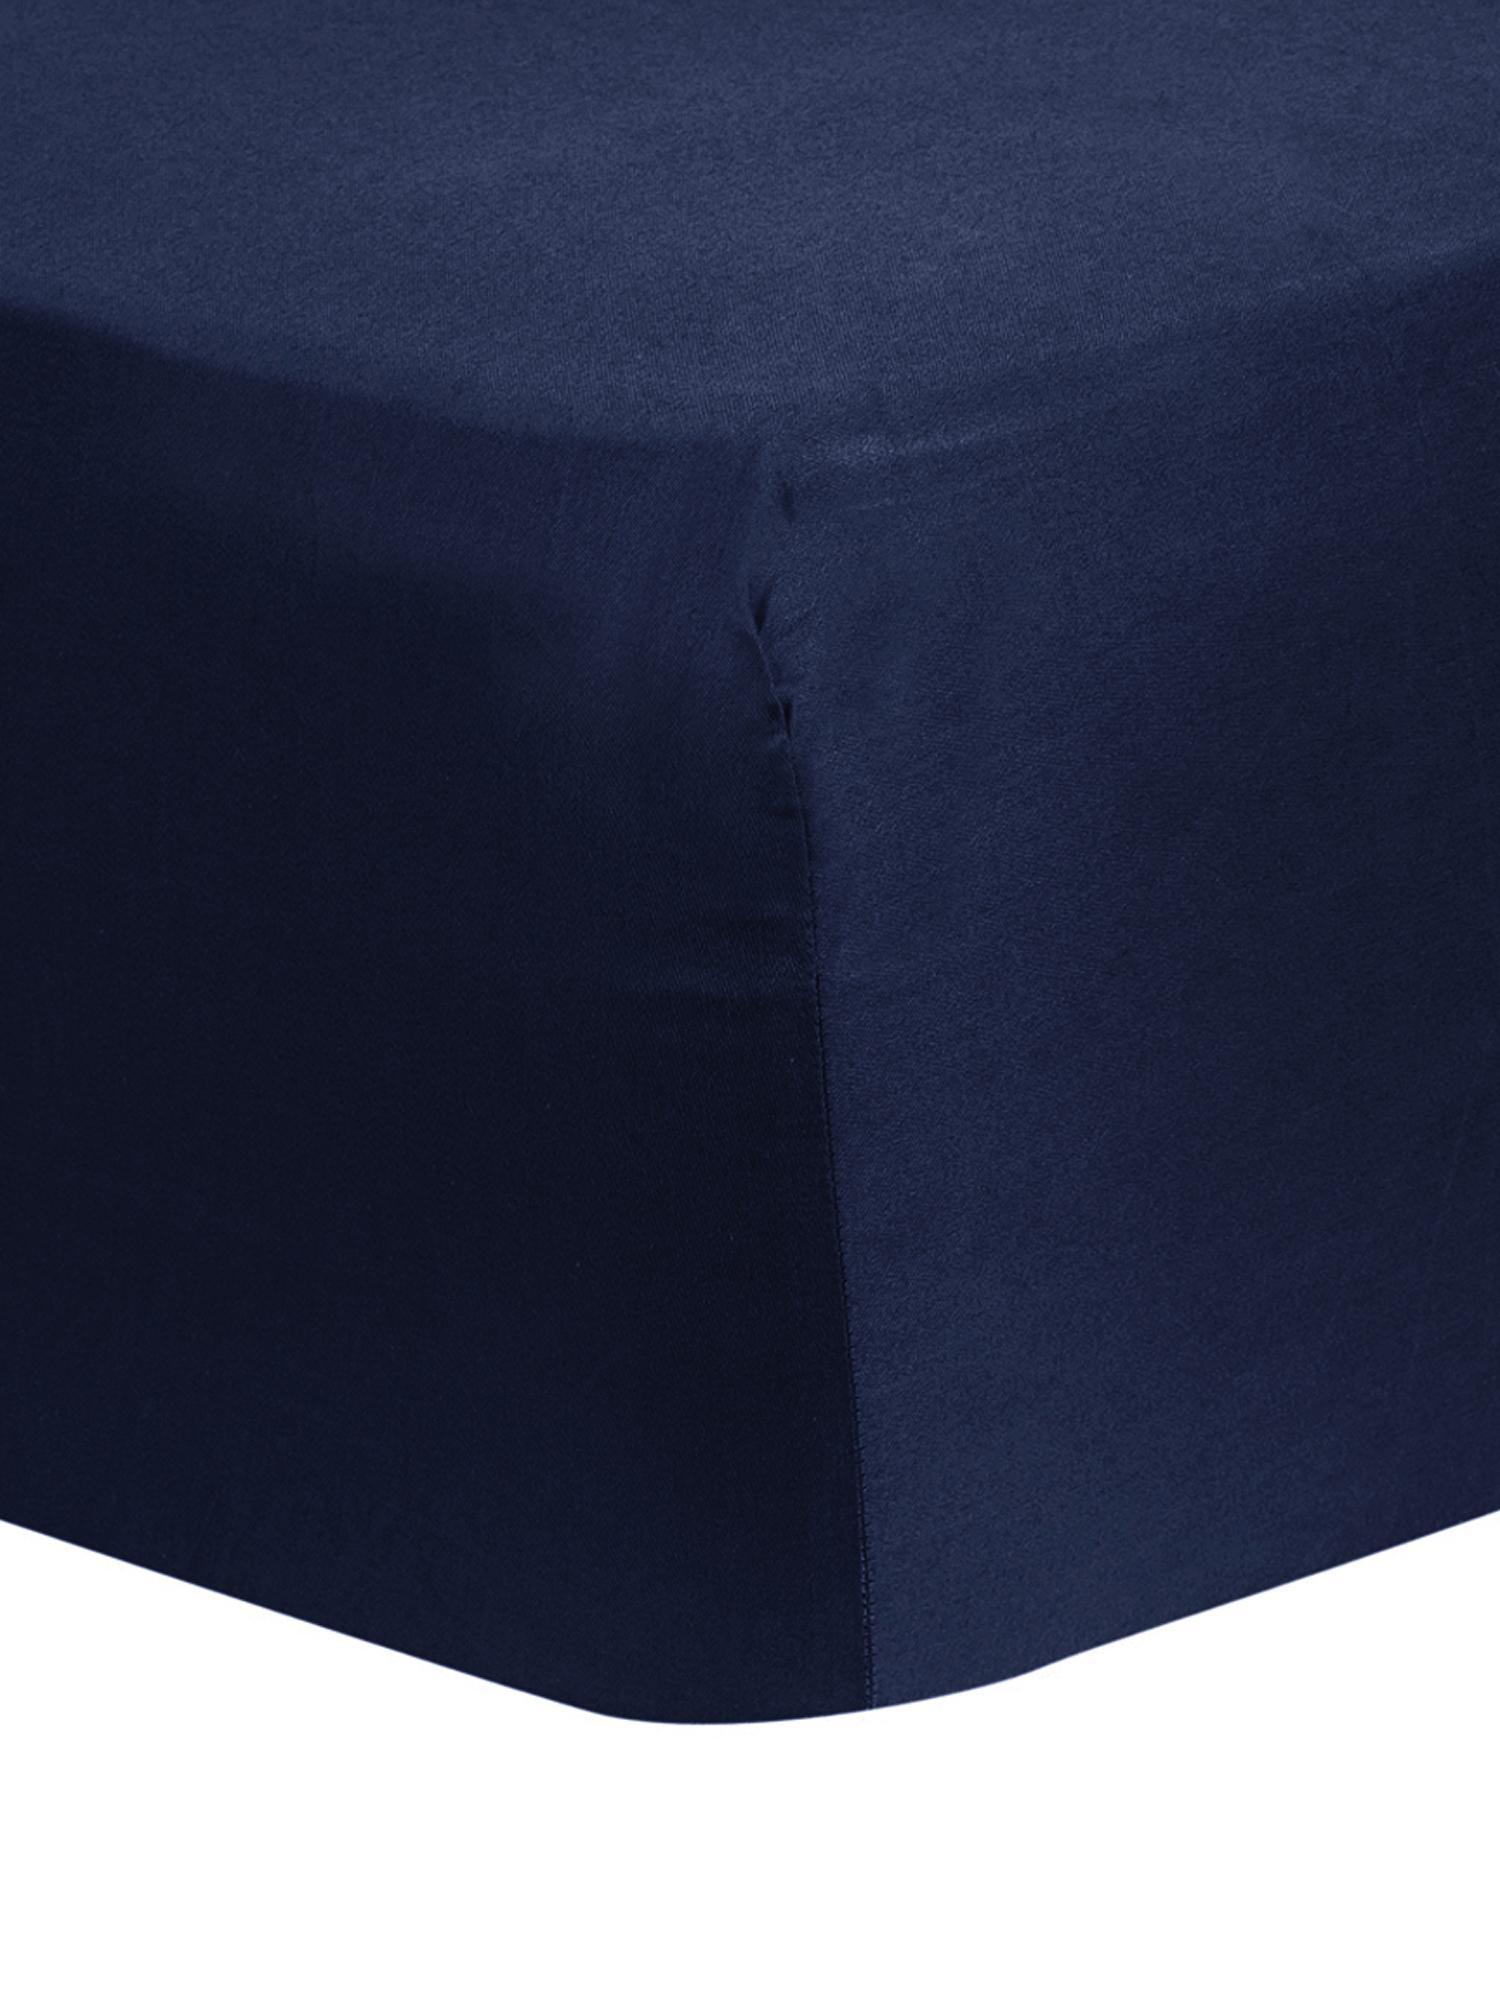 Spannbettlaken Comfort, Baumwollsatin, Webart: Satin, leicht glänzend, Dunkelblau, 180 x 200 cm